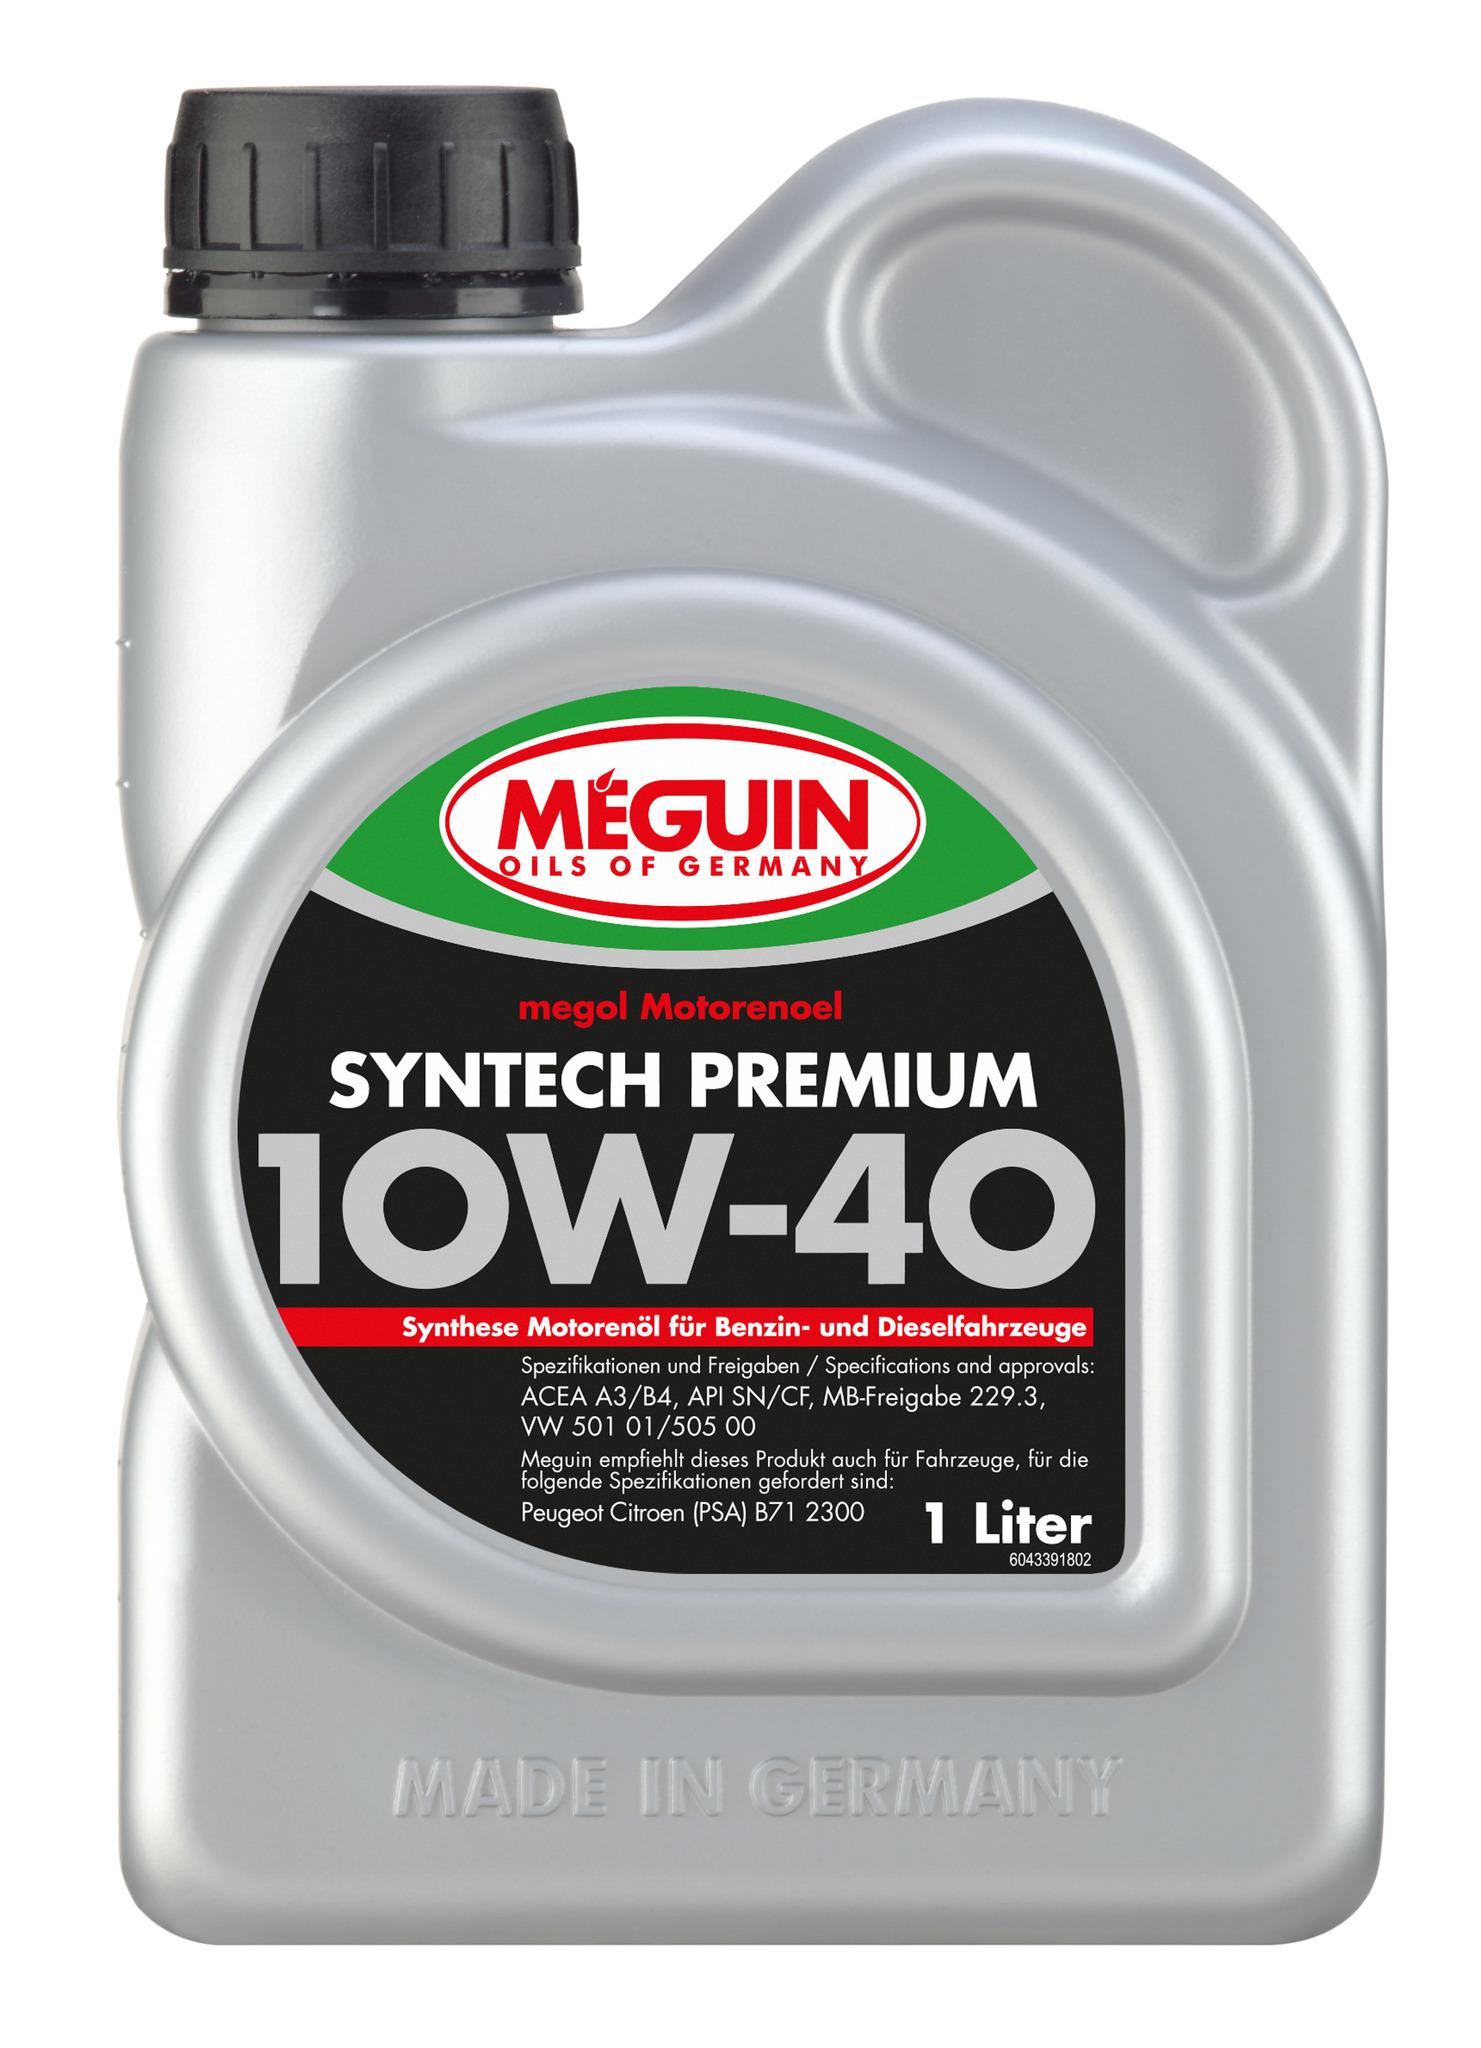 Megol Motorenoel Syntech Premium 10W40 Полусинтетическое моторное масло